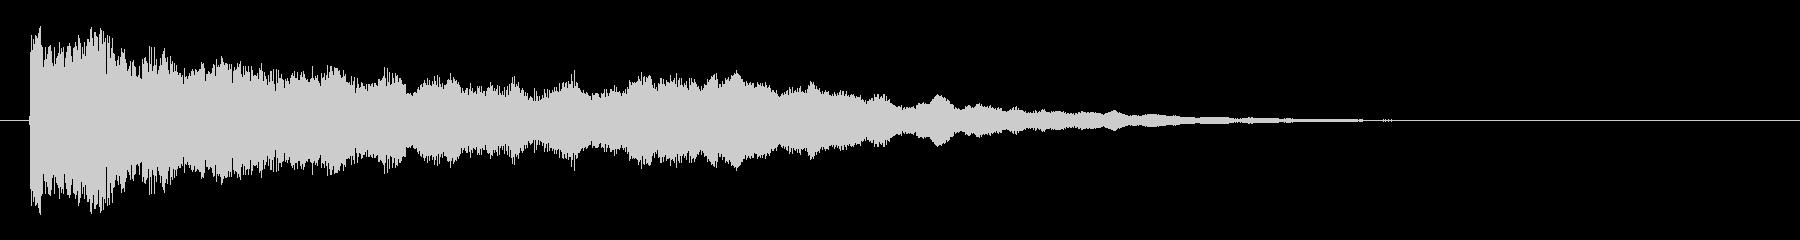 神秘的で透明感のあるインパクト音4の未再生の波形